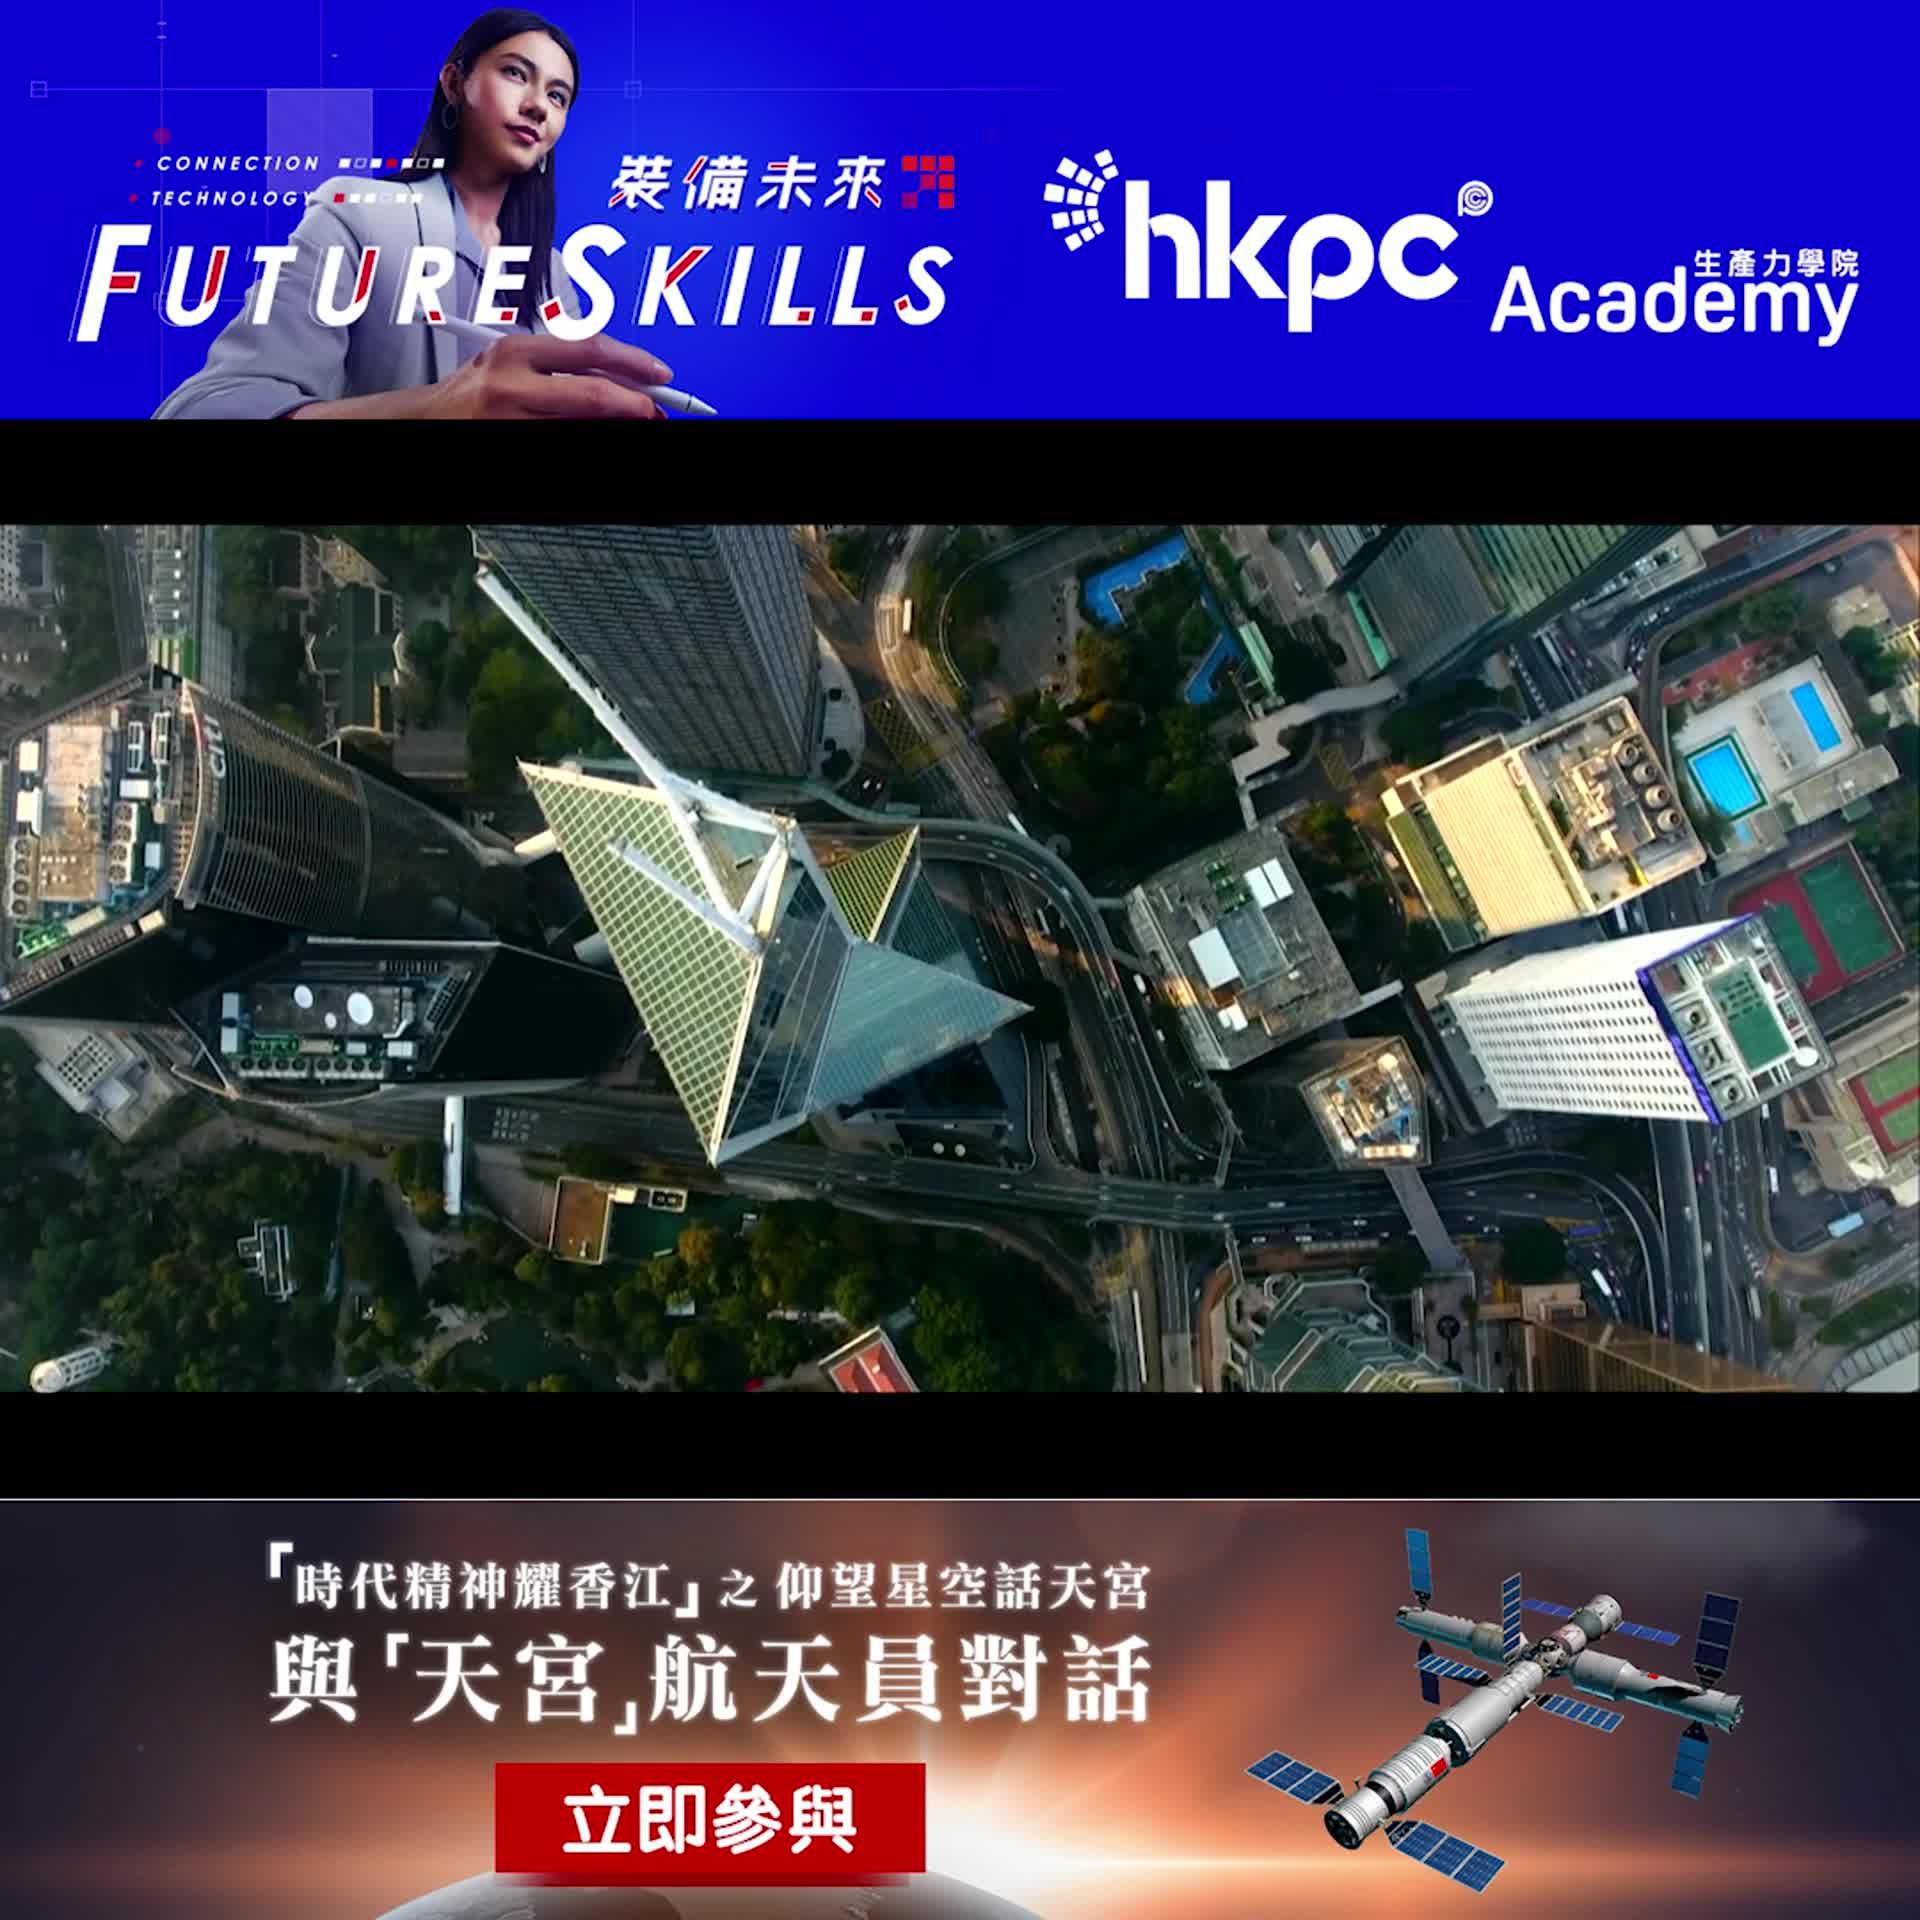 【齊裝備FutureSkills,Make Smart Smarter!】